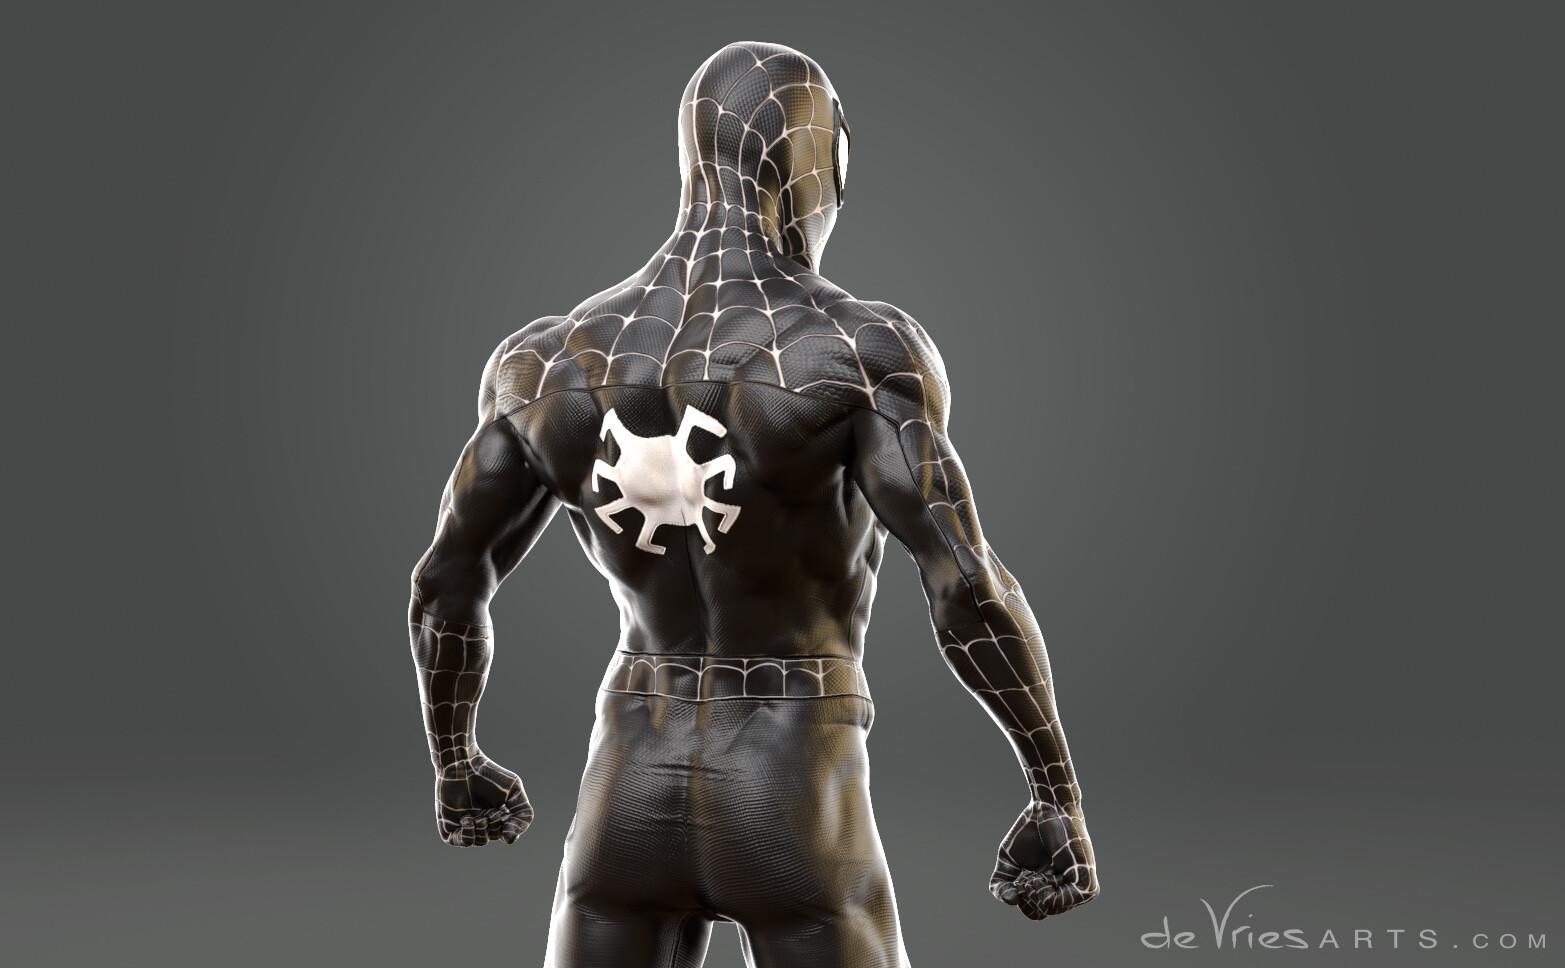 Thijs de vries closebw2 spiderman thijsdevries devriesarts